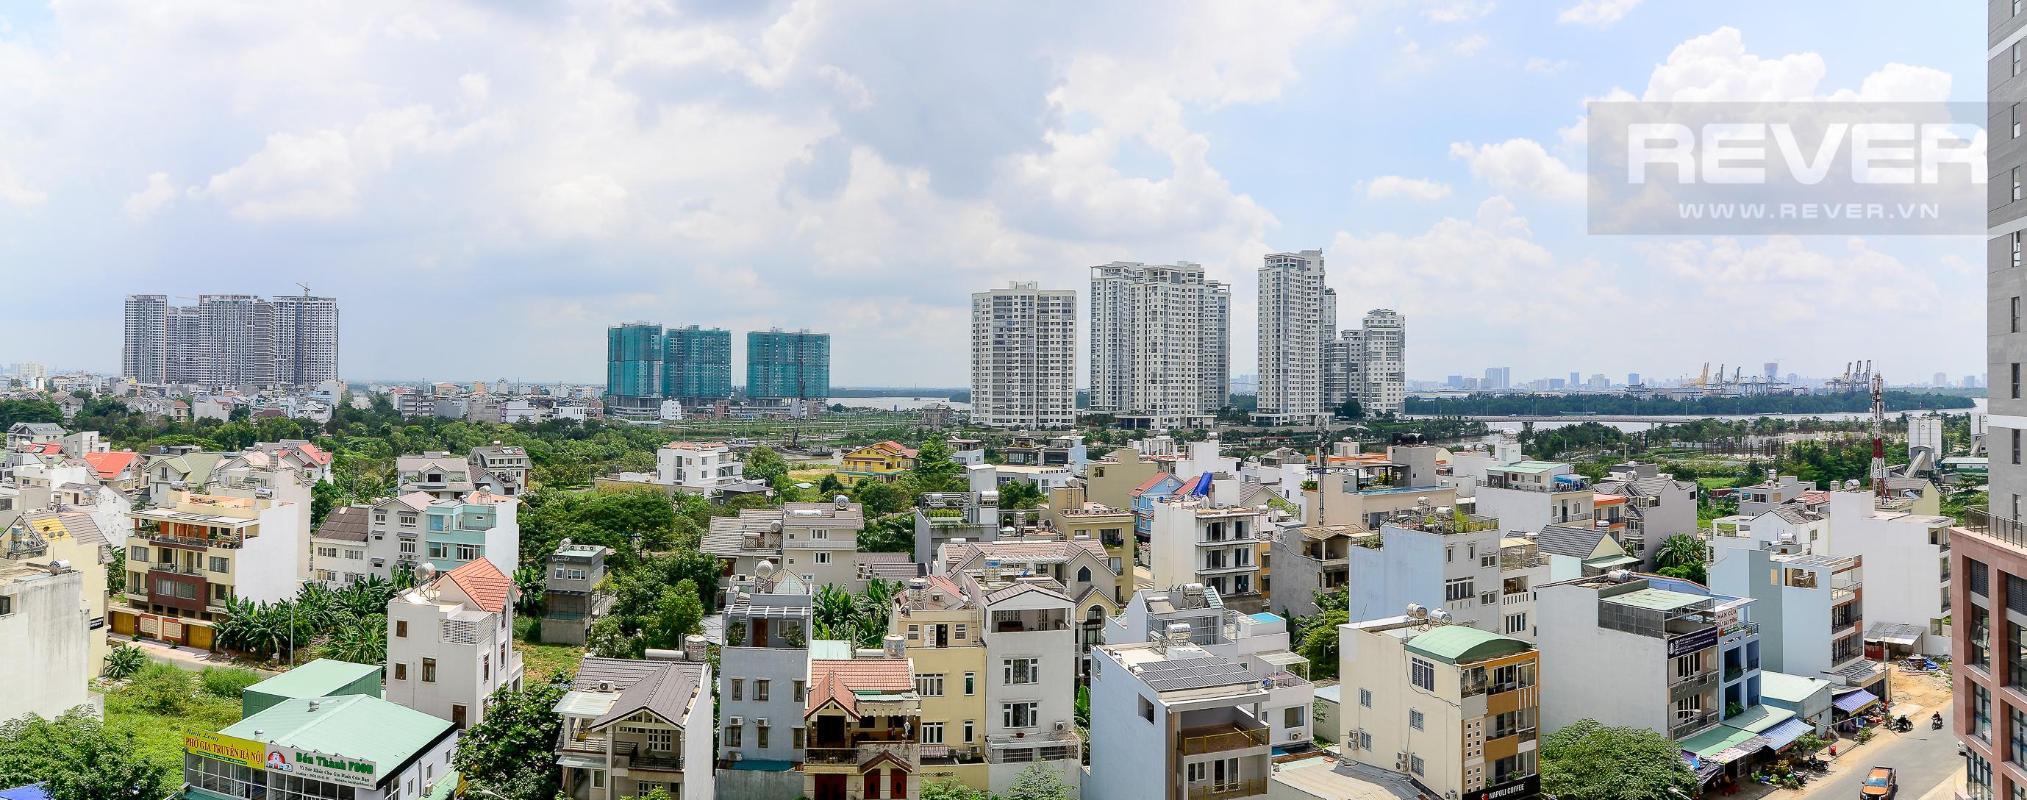 f3a58d9027e8c1b698f9 Bán hoặc cho thuê căn hộ The Sun Avenue 3PN, tầng thấp, block 3, đầy đủ nội thất, hướng Tây Nam